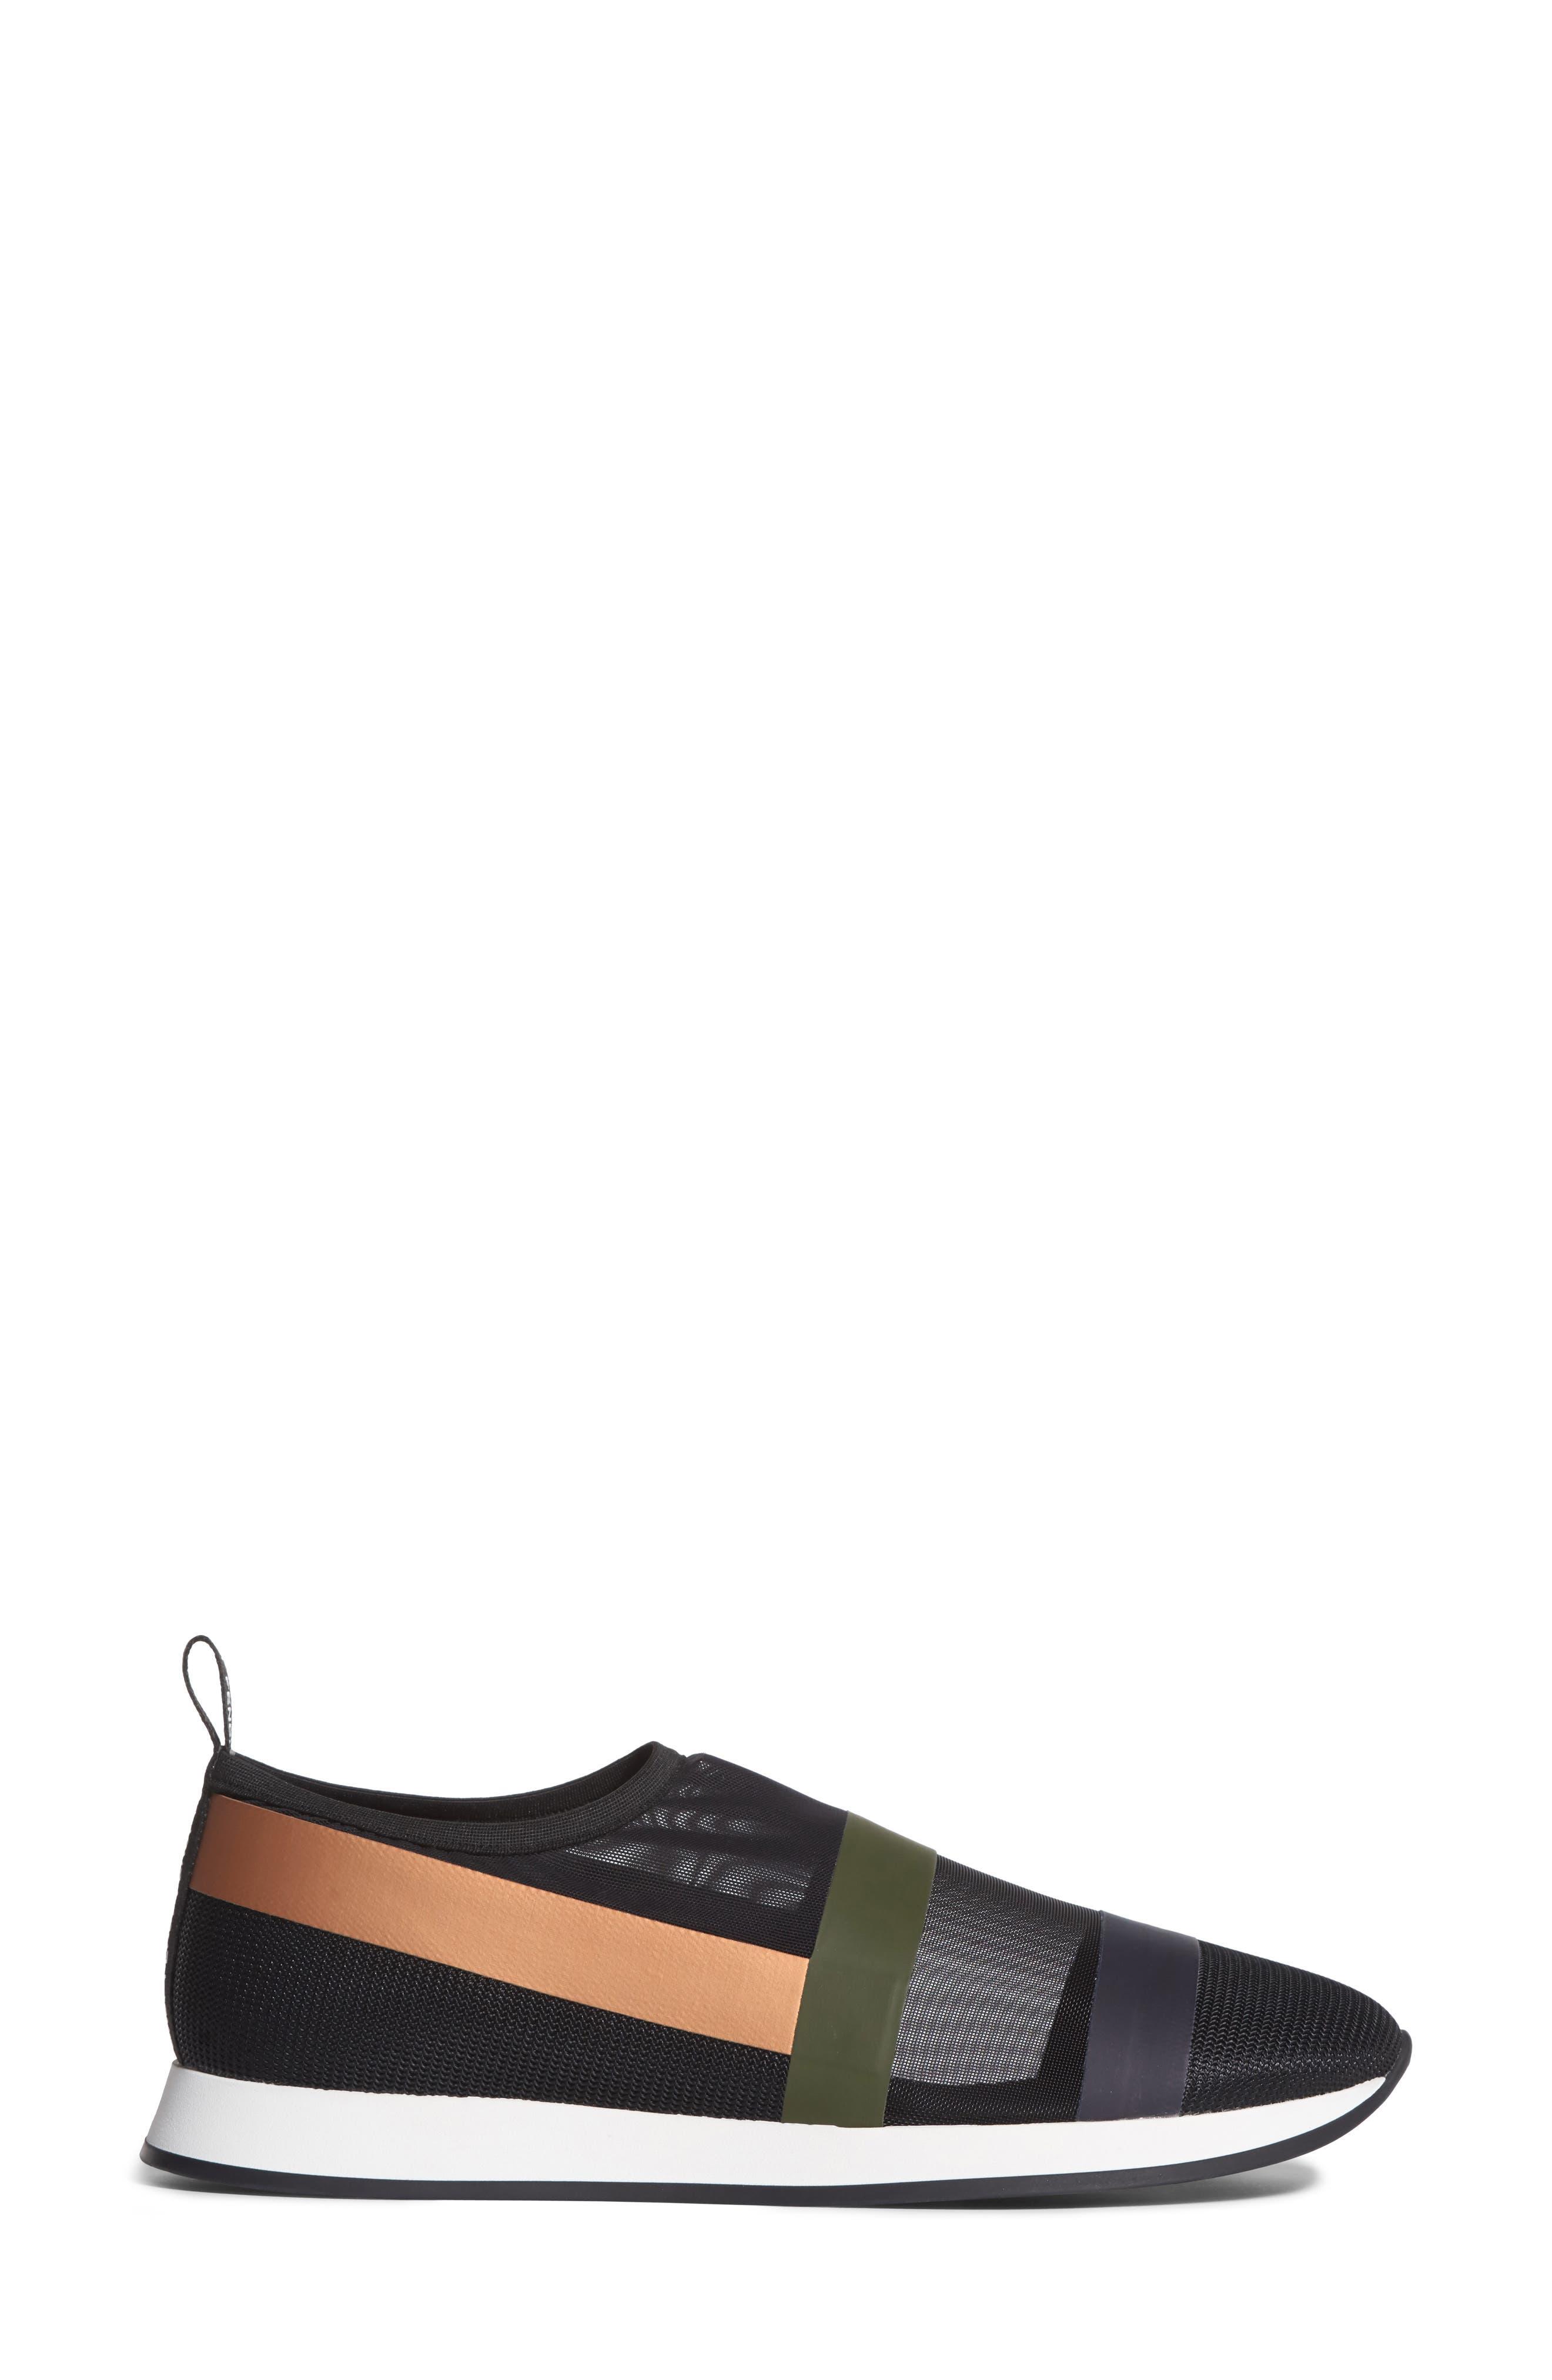 Slip-On Sneaker,                             Alternate thumbnail 3, color,                             Black/ Beige